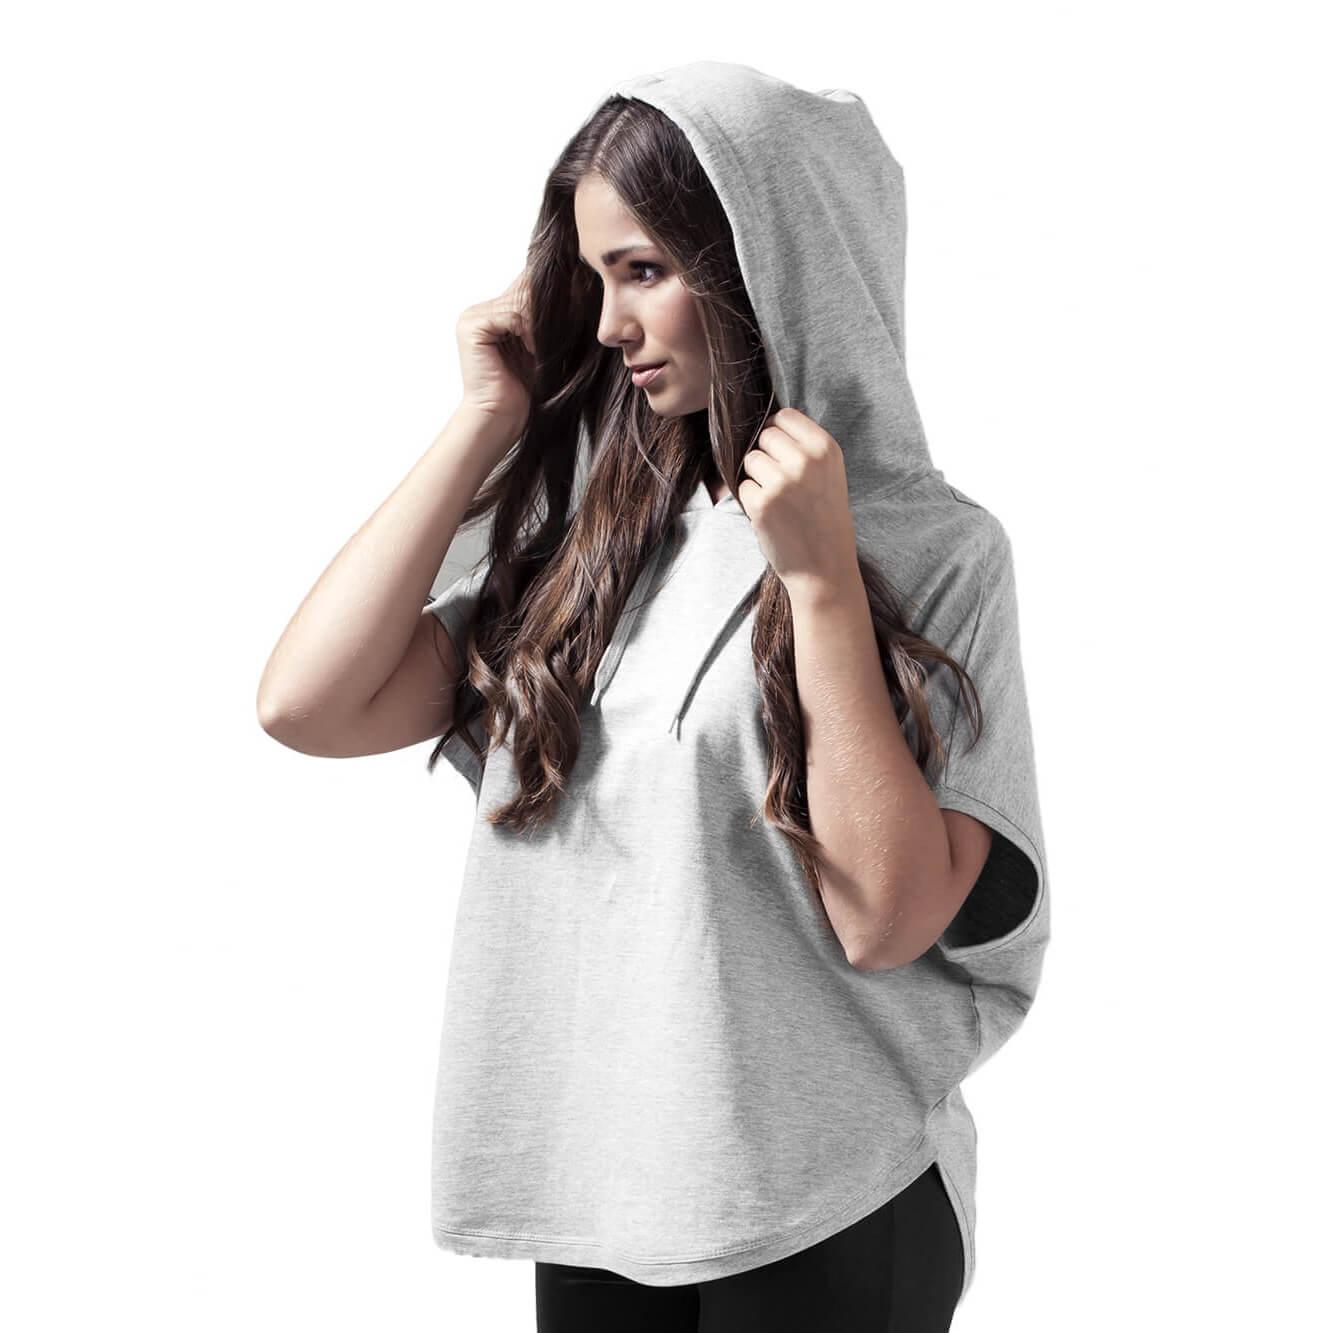 752c1c647c26a Custom Printed Ladies Sleeveless Hoodie